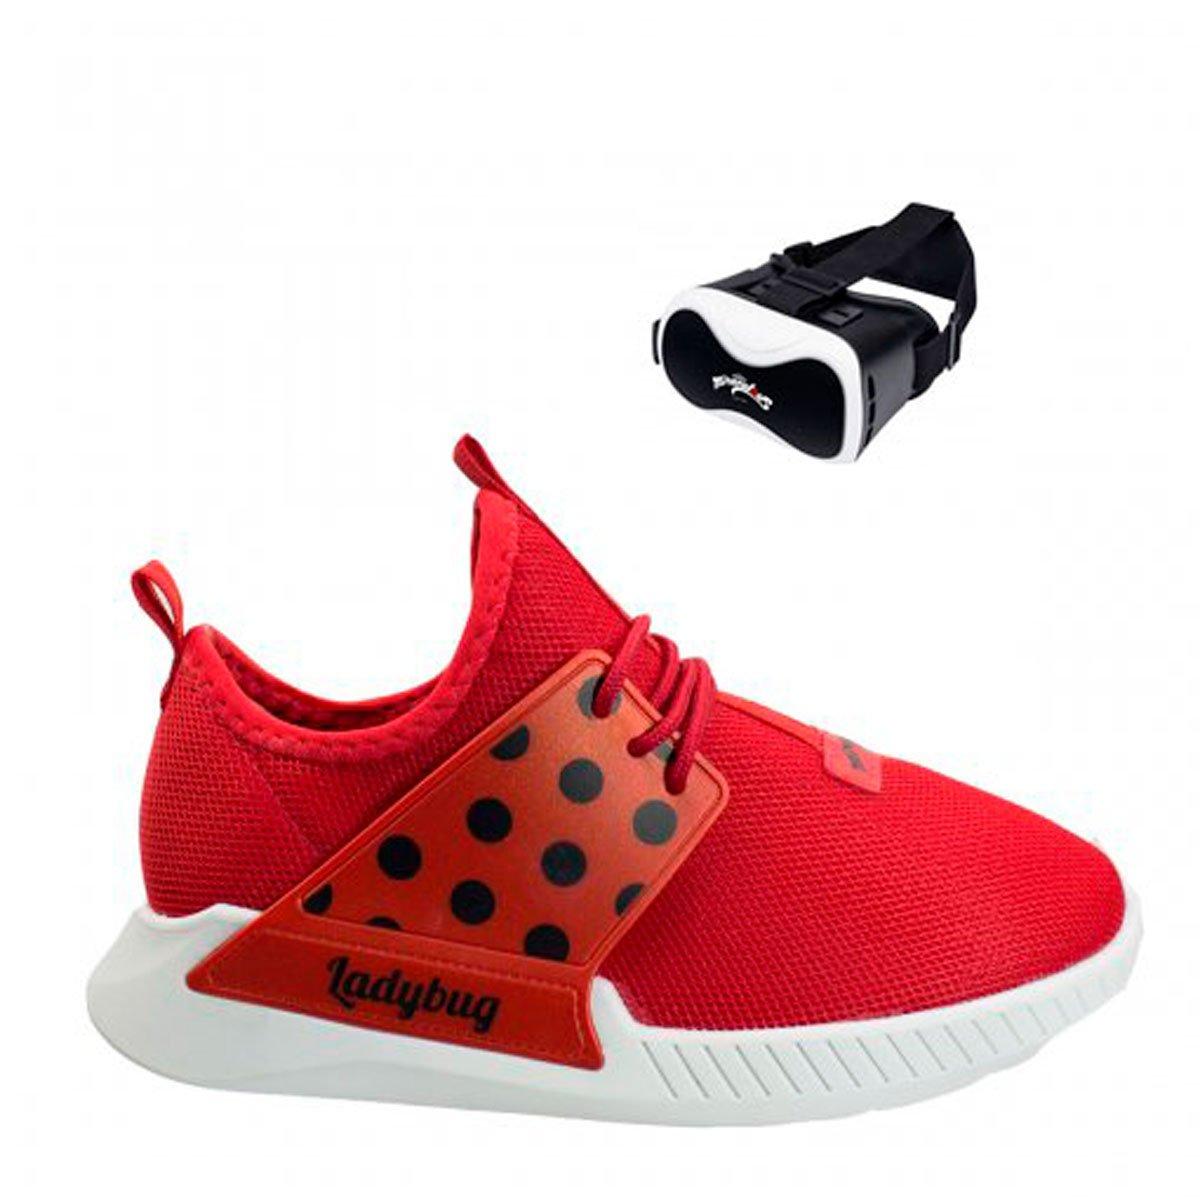 Bizz Store - Tênis Grendene Ladybug VR Mania Com Óculos b0aa096e2a8